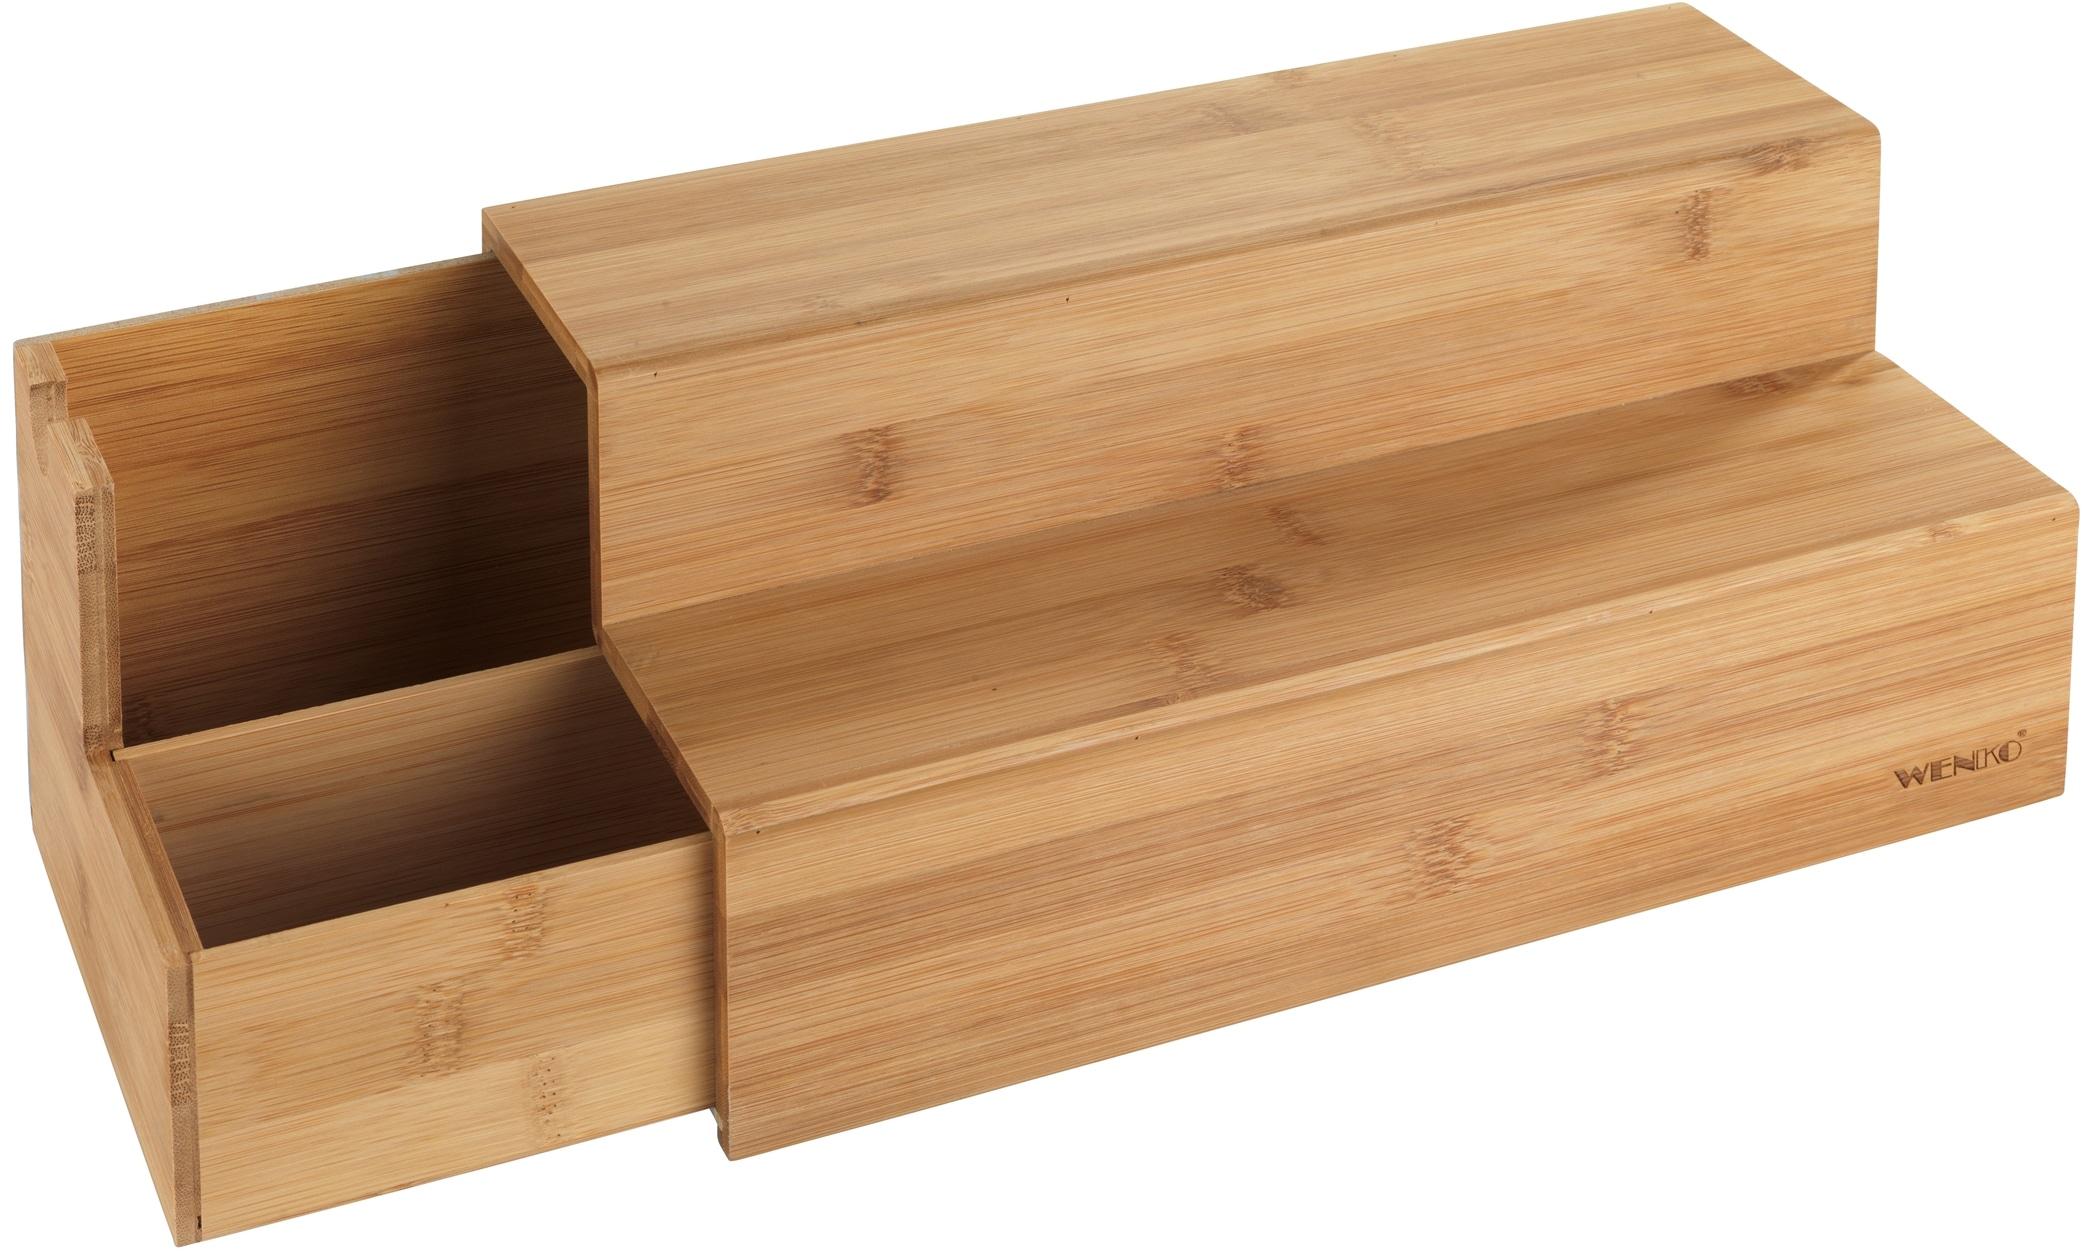 WENKO Aufbewahrungssystem Bambus, (1 tlg.) beige Körbe Boxen Regal- Ordnungssysteme Küche Ordnung